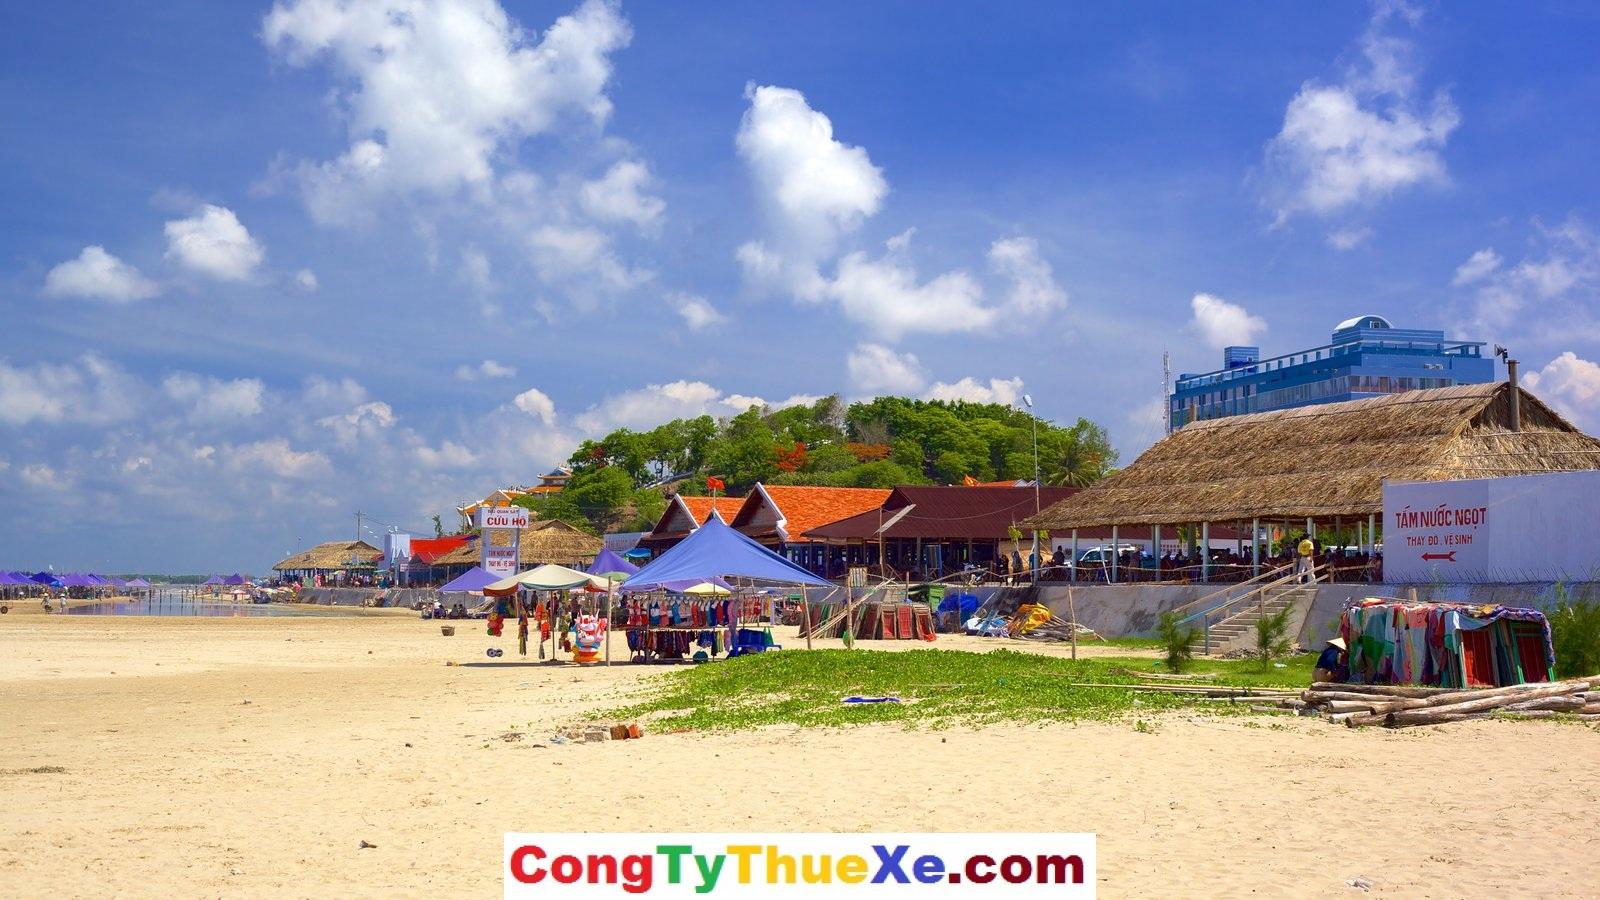 Thuê Xe đi Long Hải tại Tp.HCM